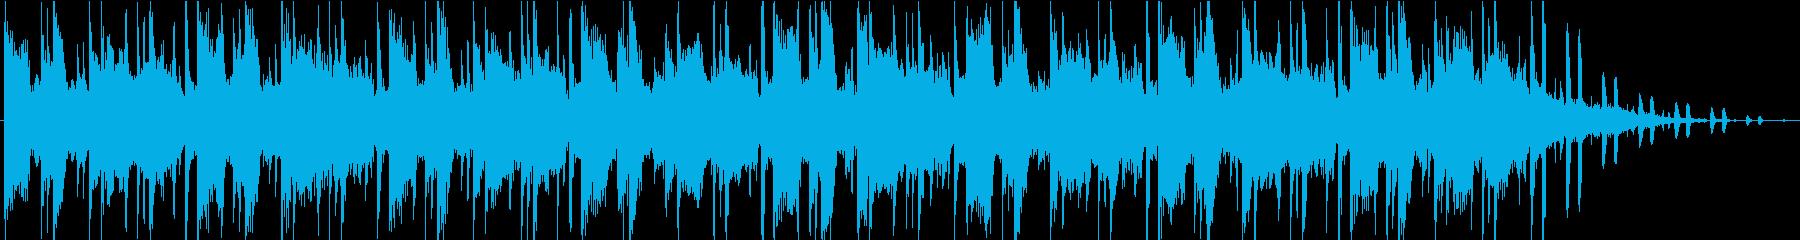 シーケンス 未定ベース03の再生済みの波形